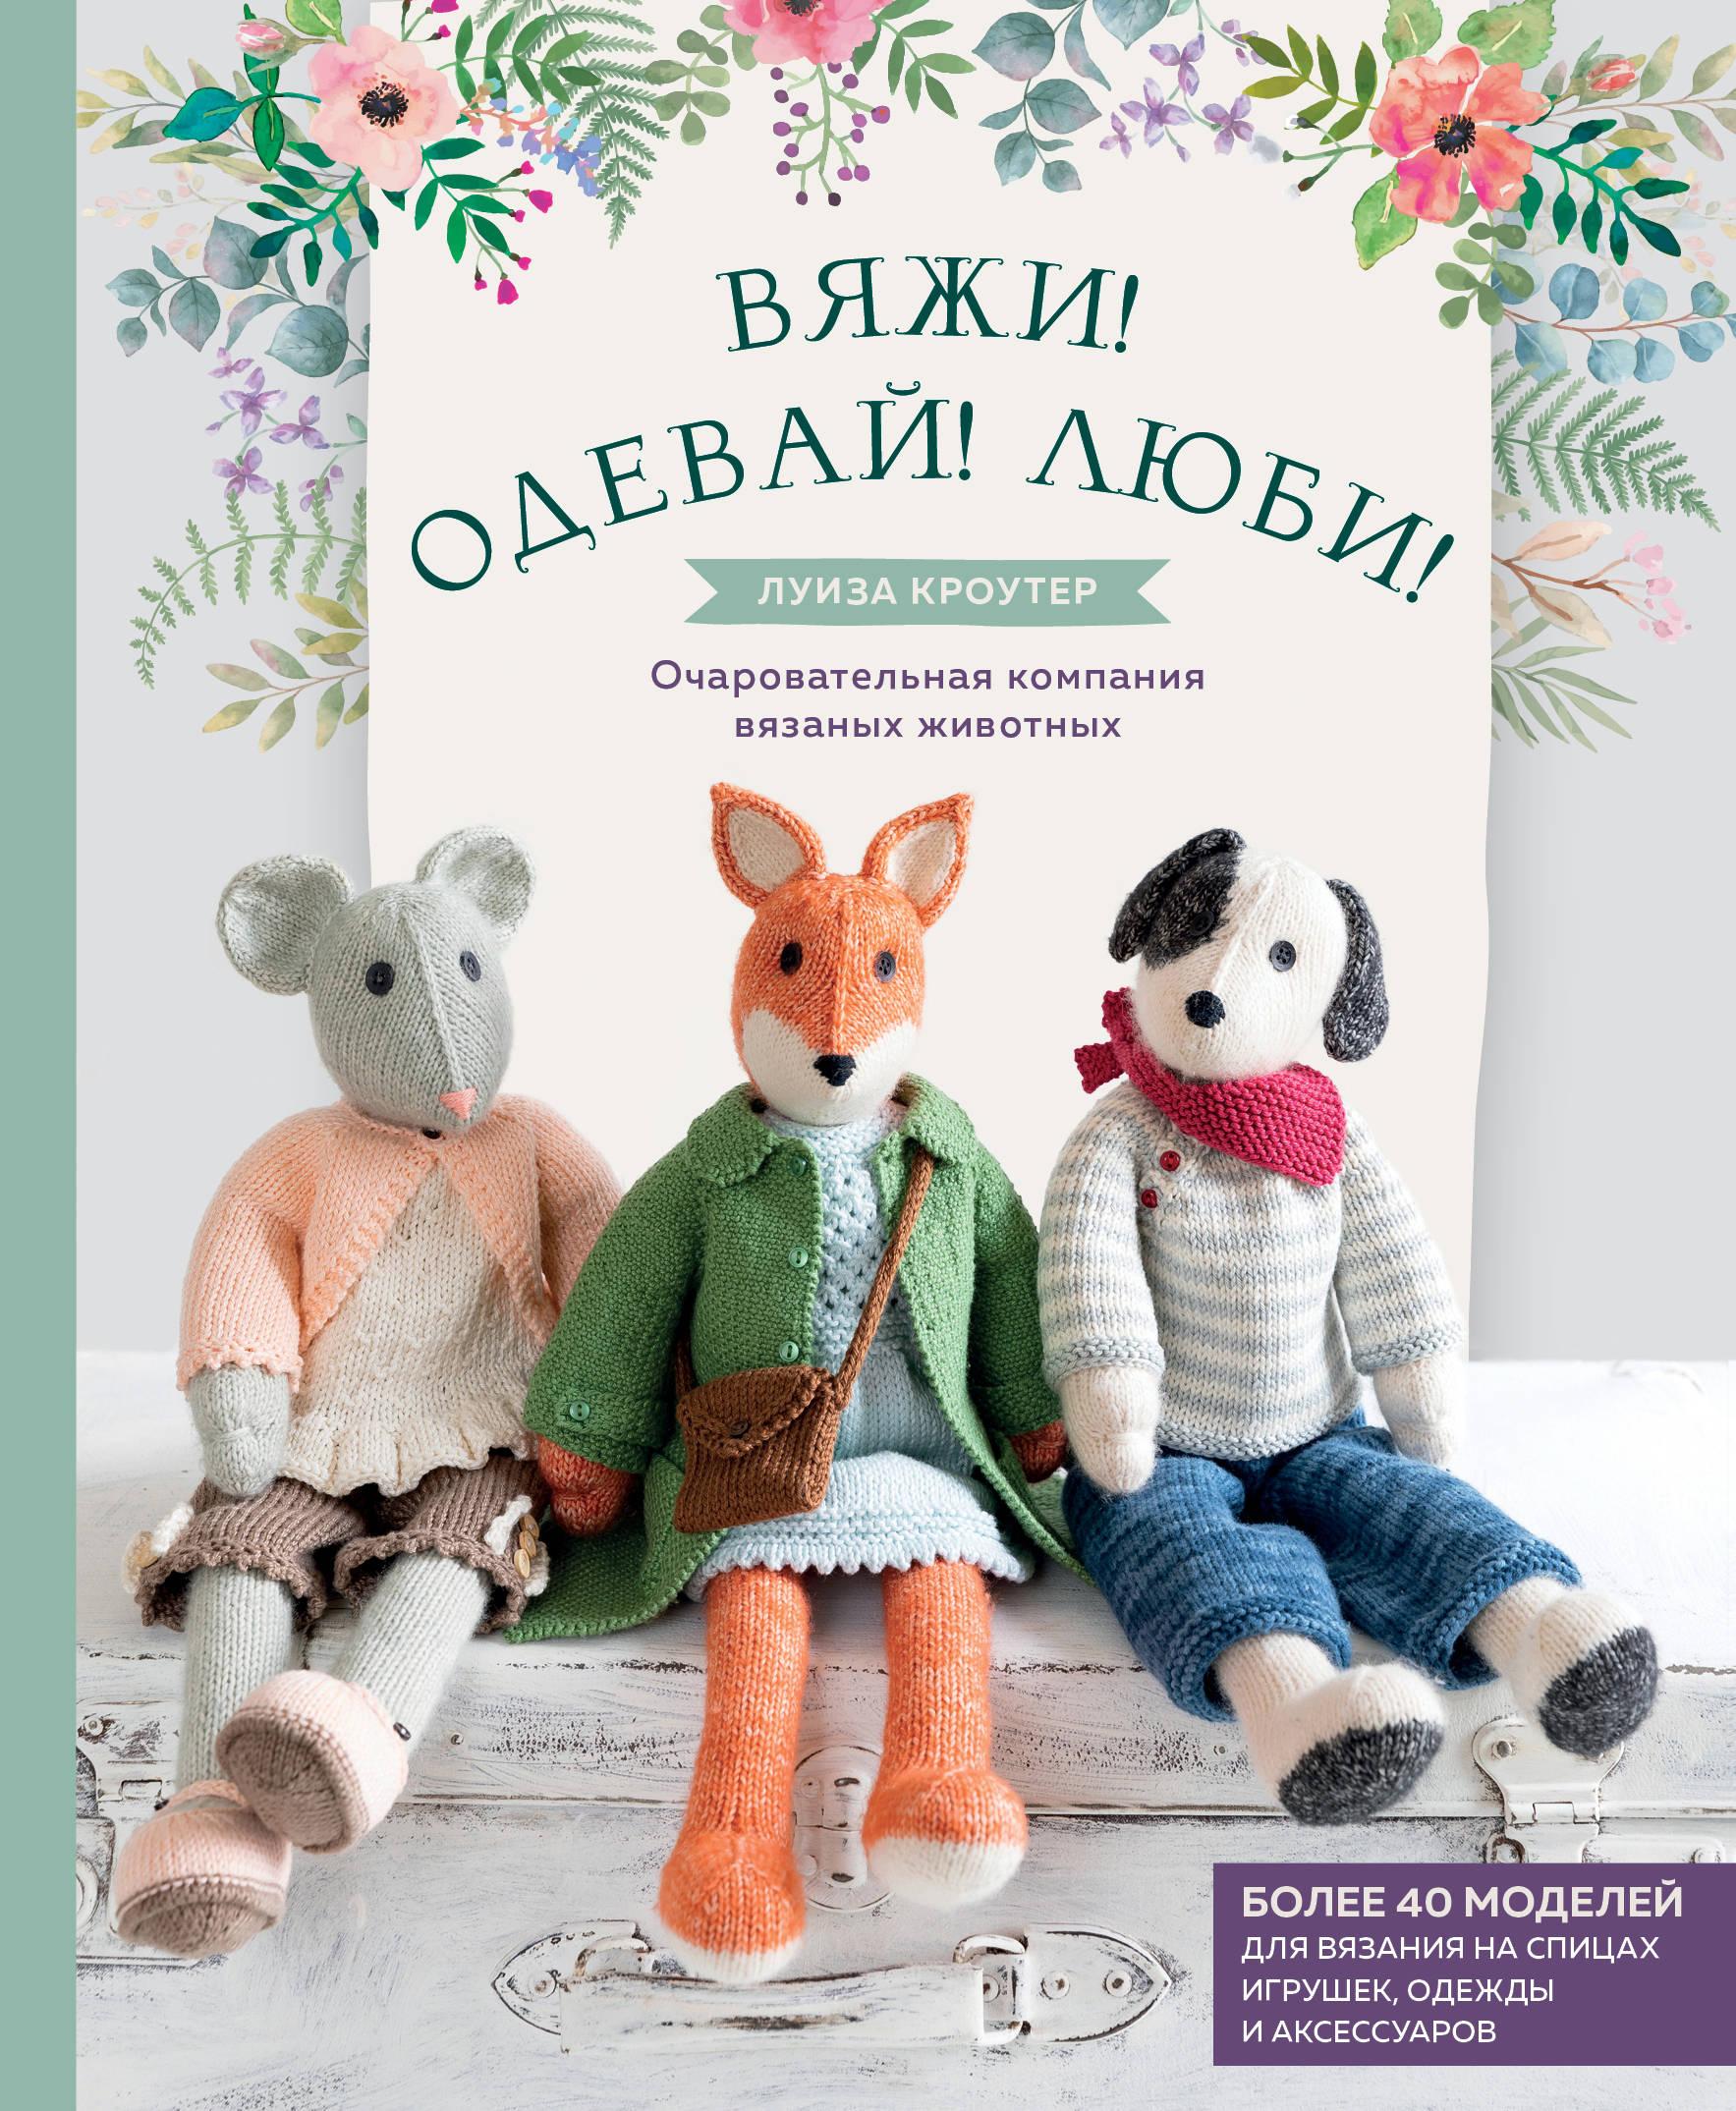 Вяжи! Одевай! Люби! Очаровательная компания вязаных животных. Более 40 моделей для вязания на спицах игрушек, одежды и аксессуаров